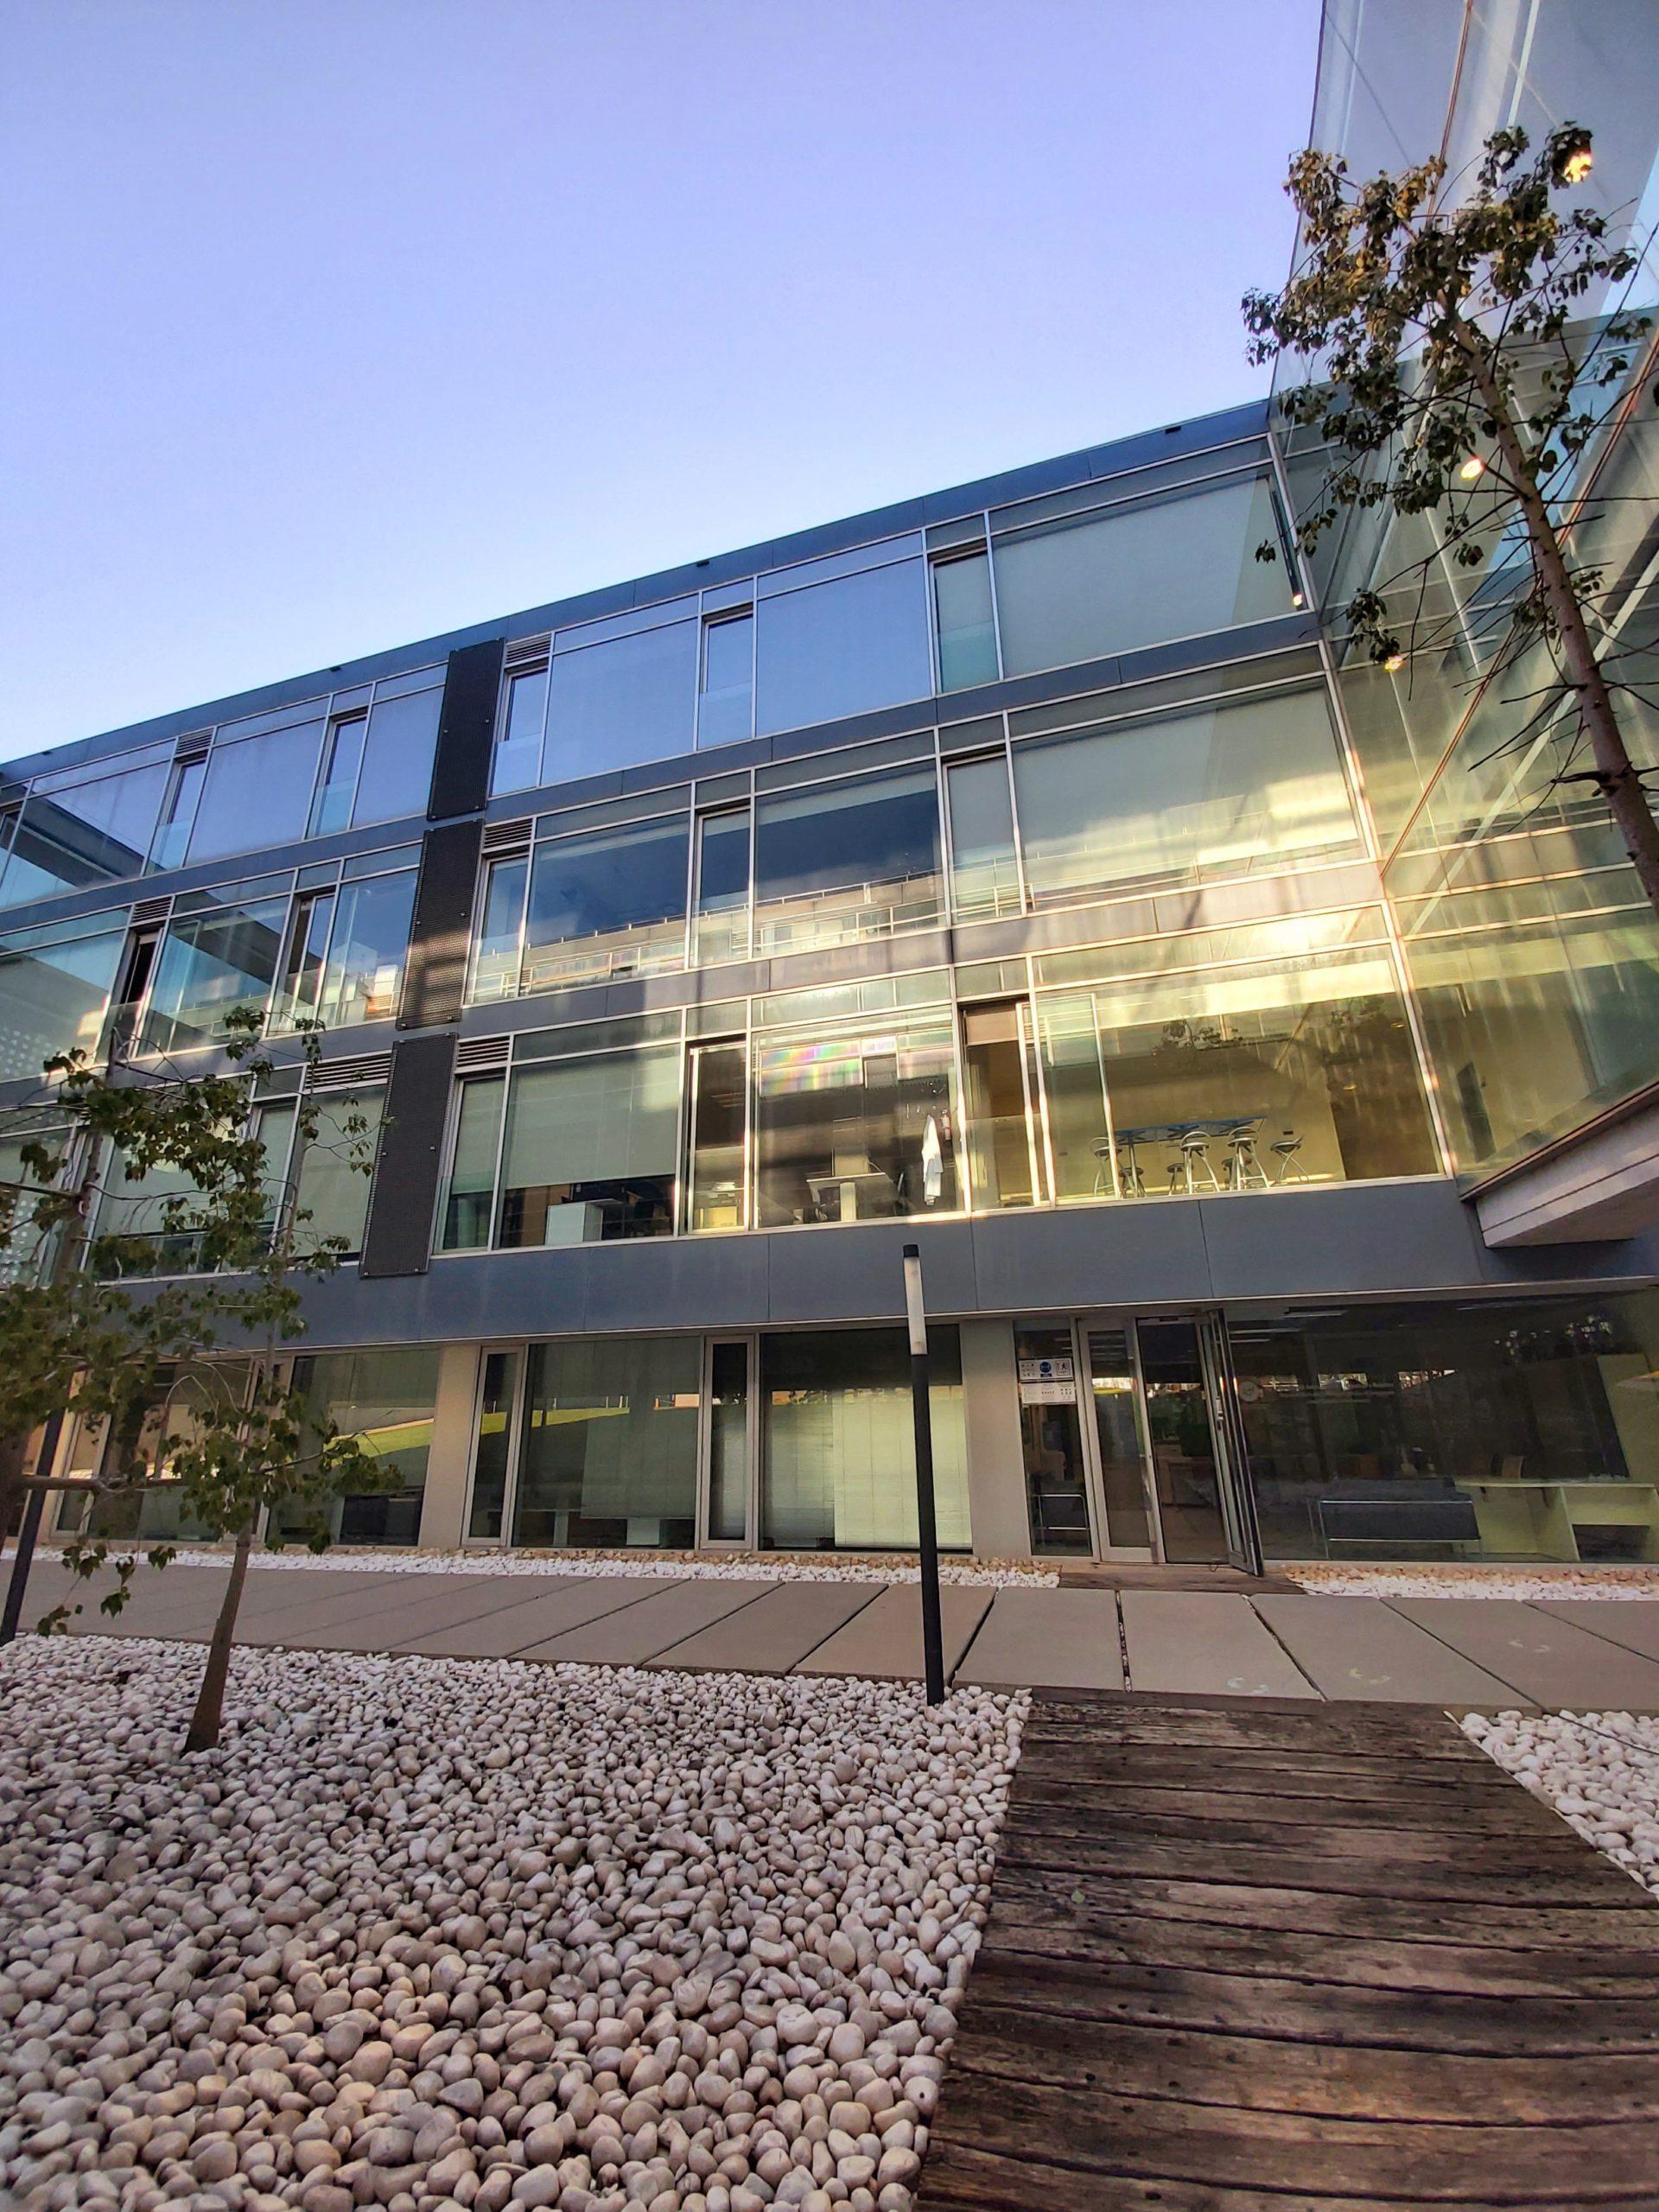 Laboratorios e institutos I+D del parque científico UPV, Ciudad Politécnica de la Innovación. Abril 2021. Foto: R. Sanchis Font